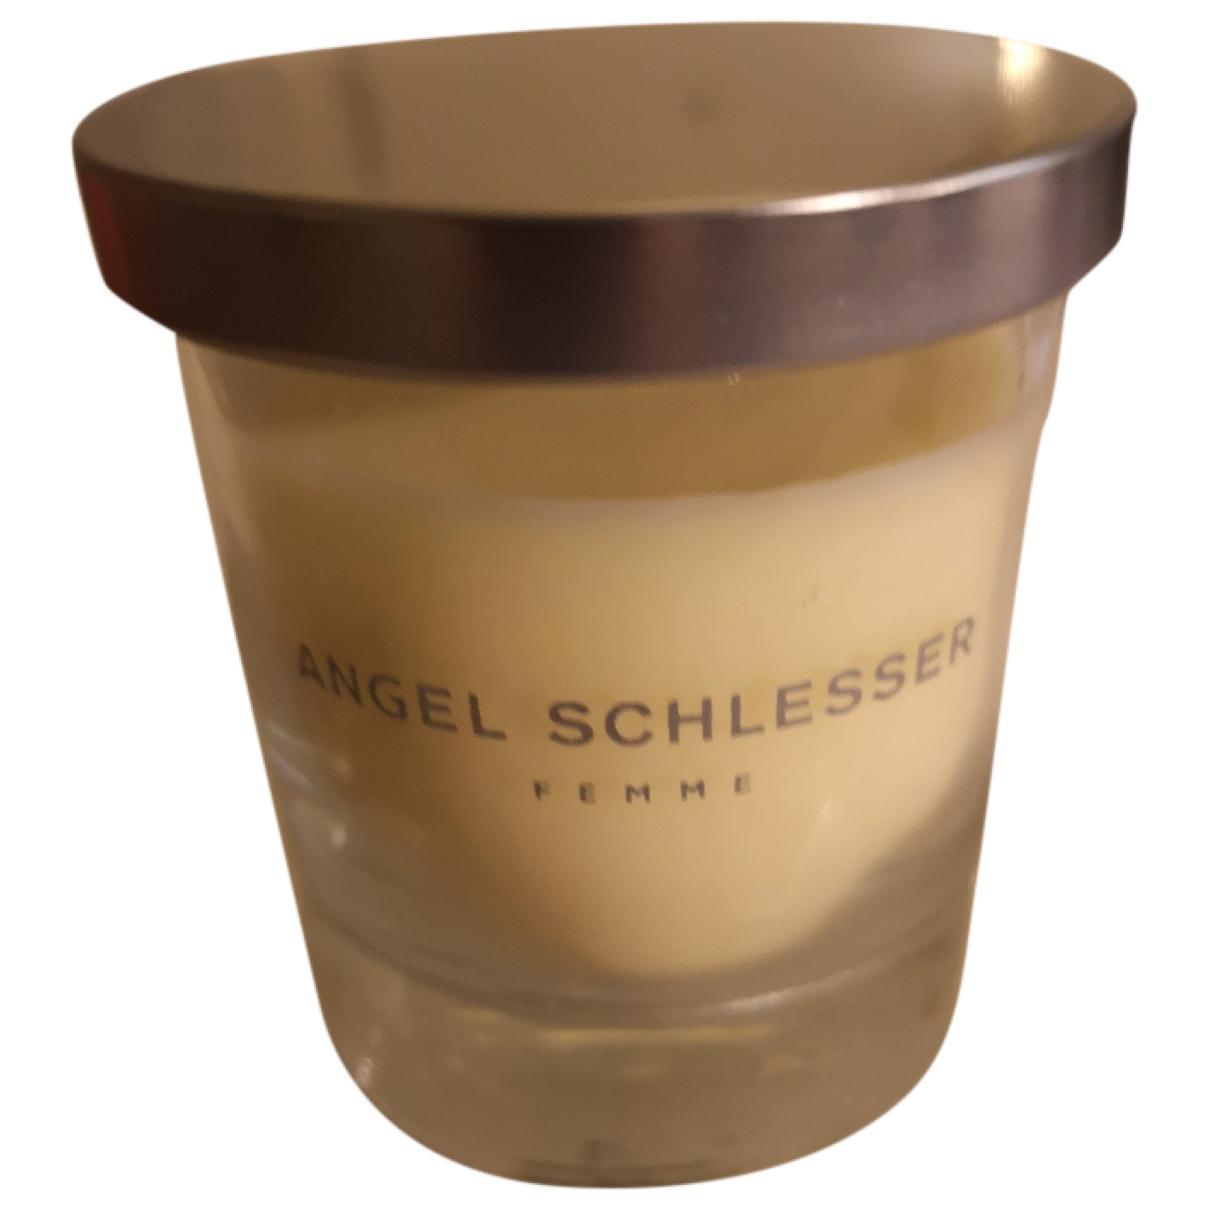 Angel Schlesser - Objets & Deco   pour lifestyle en verre - jaune